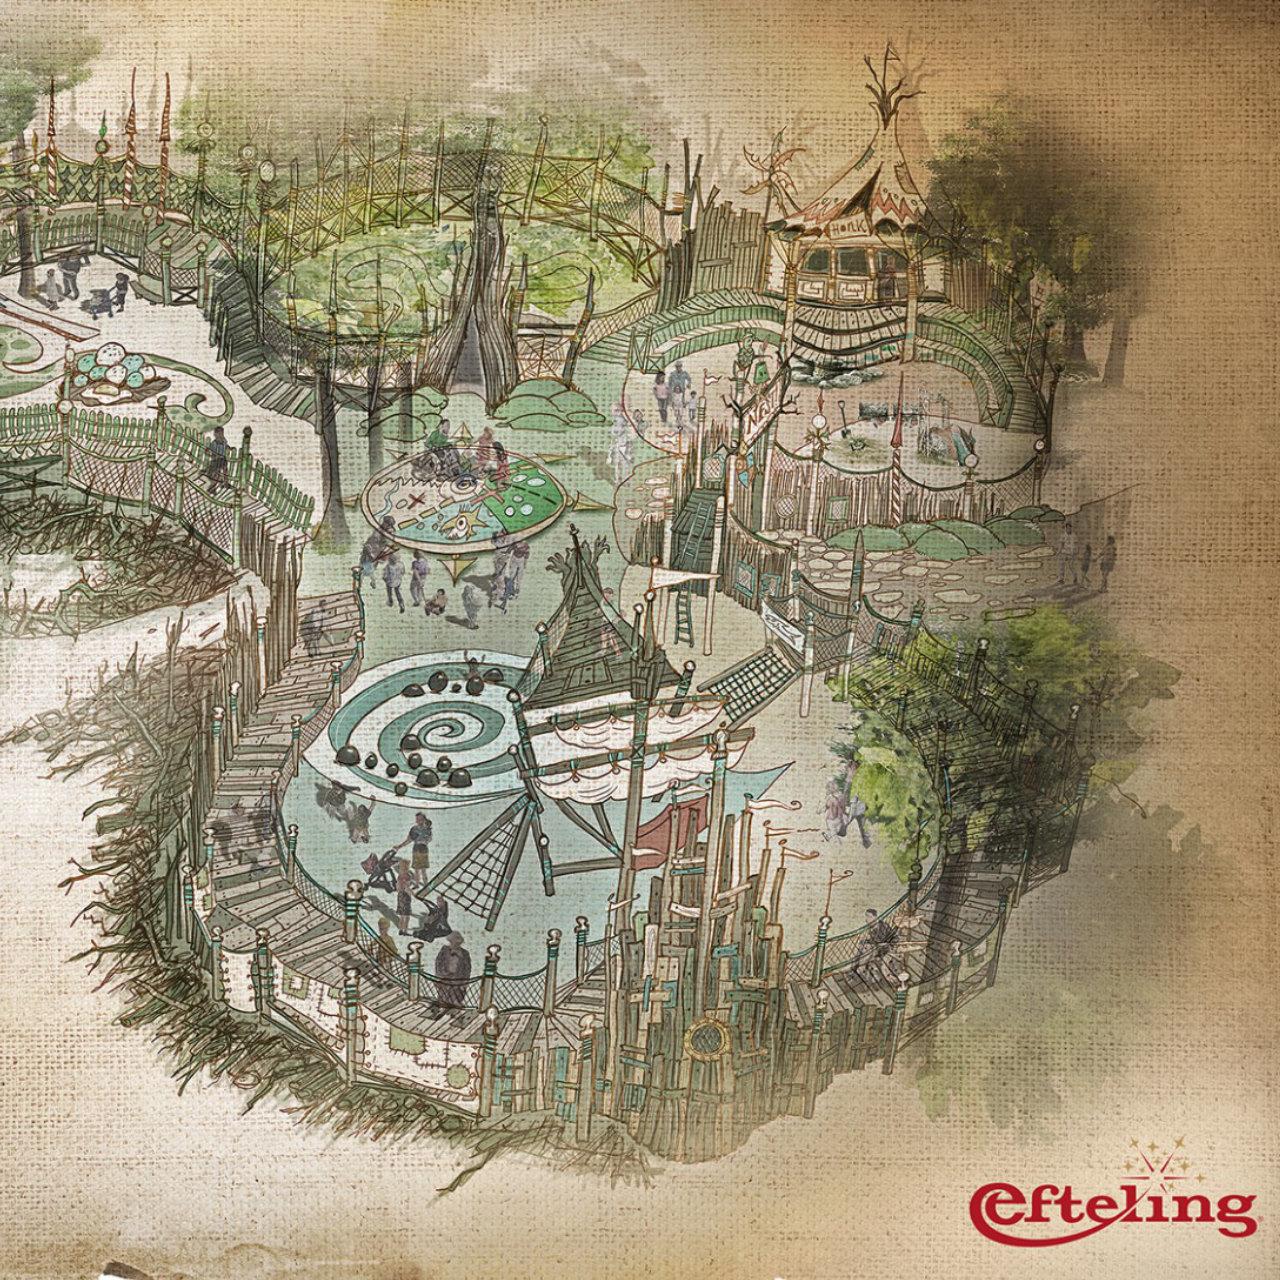 """Efteling eröffnet 2021 inklusiven Spielwald """"Nest!"""""""